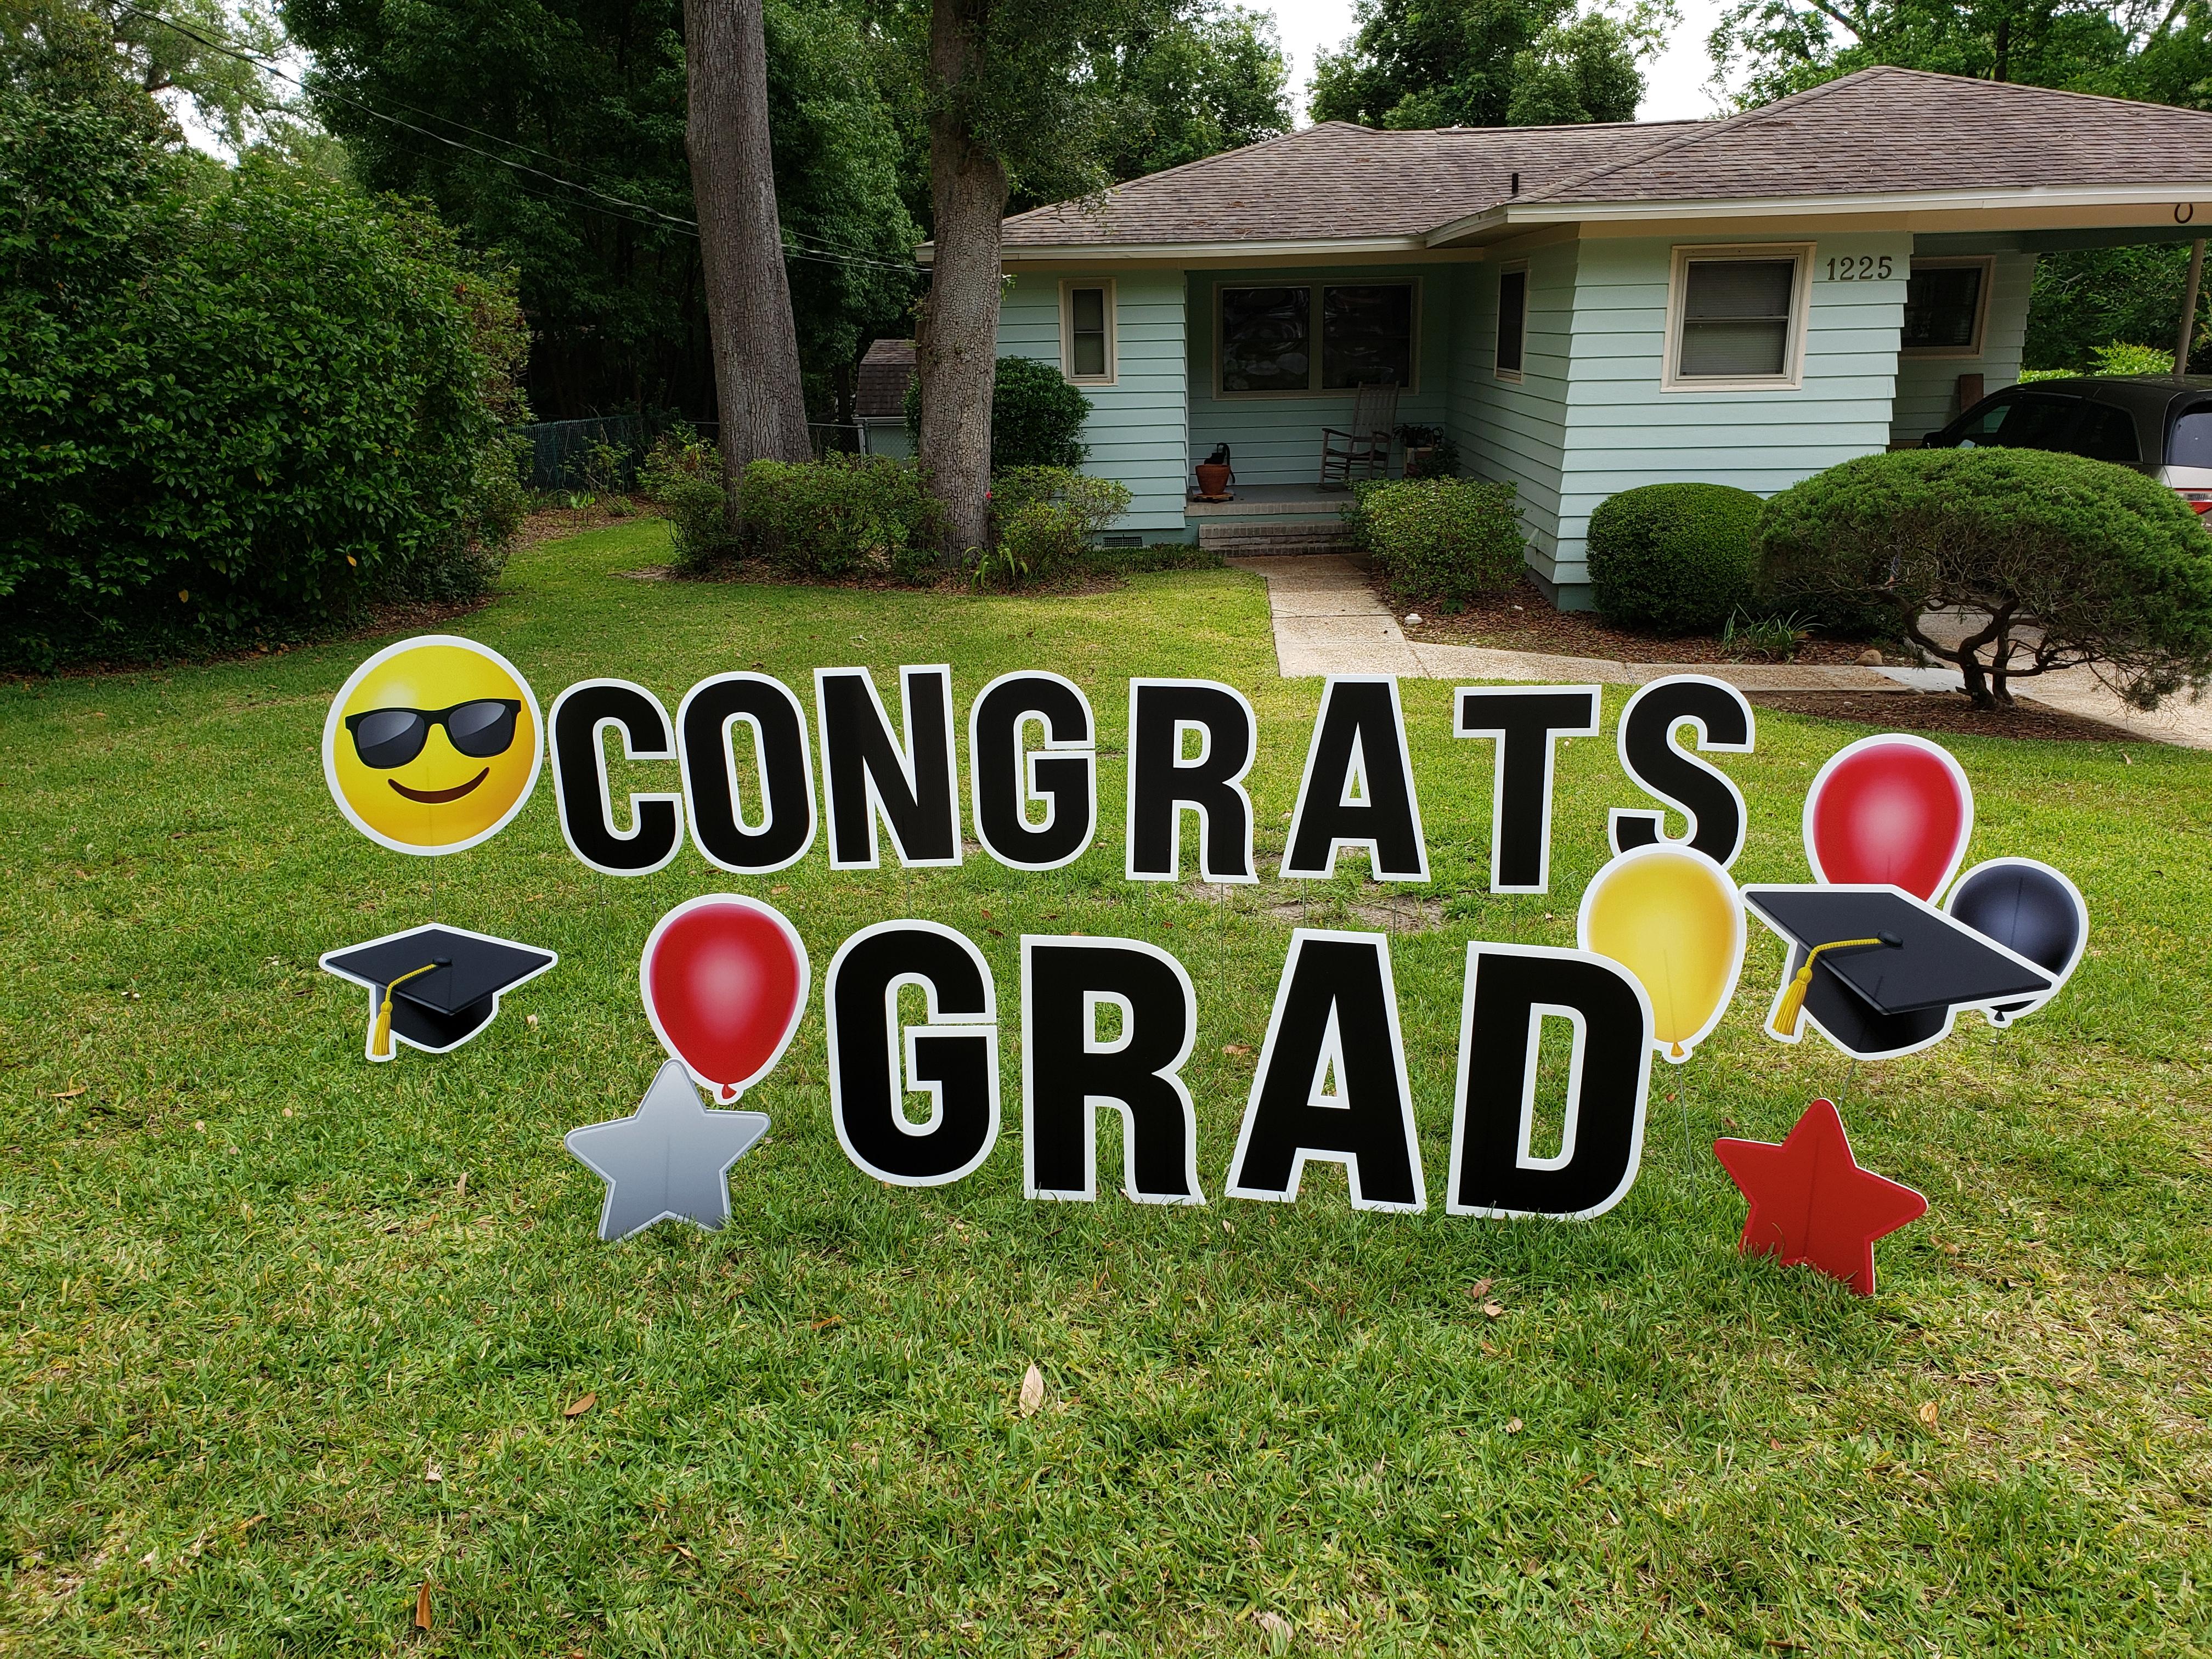 Congrats Grad 2nd view